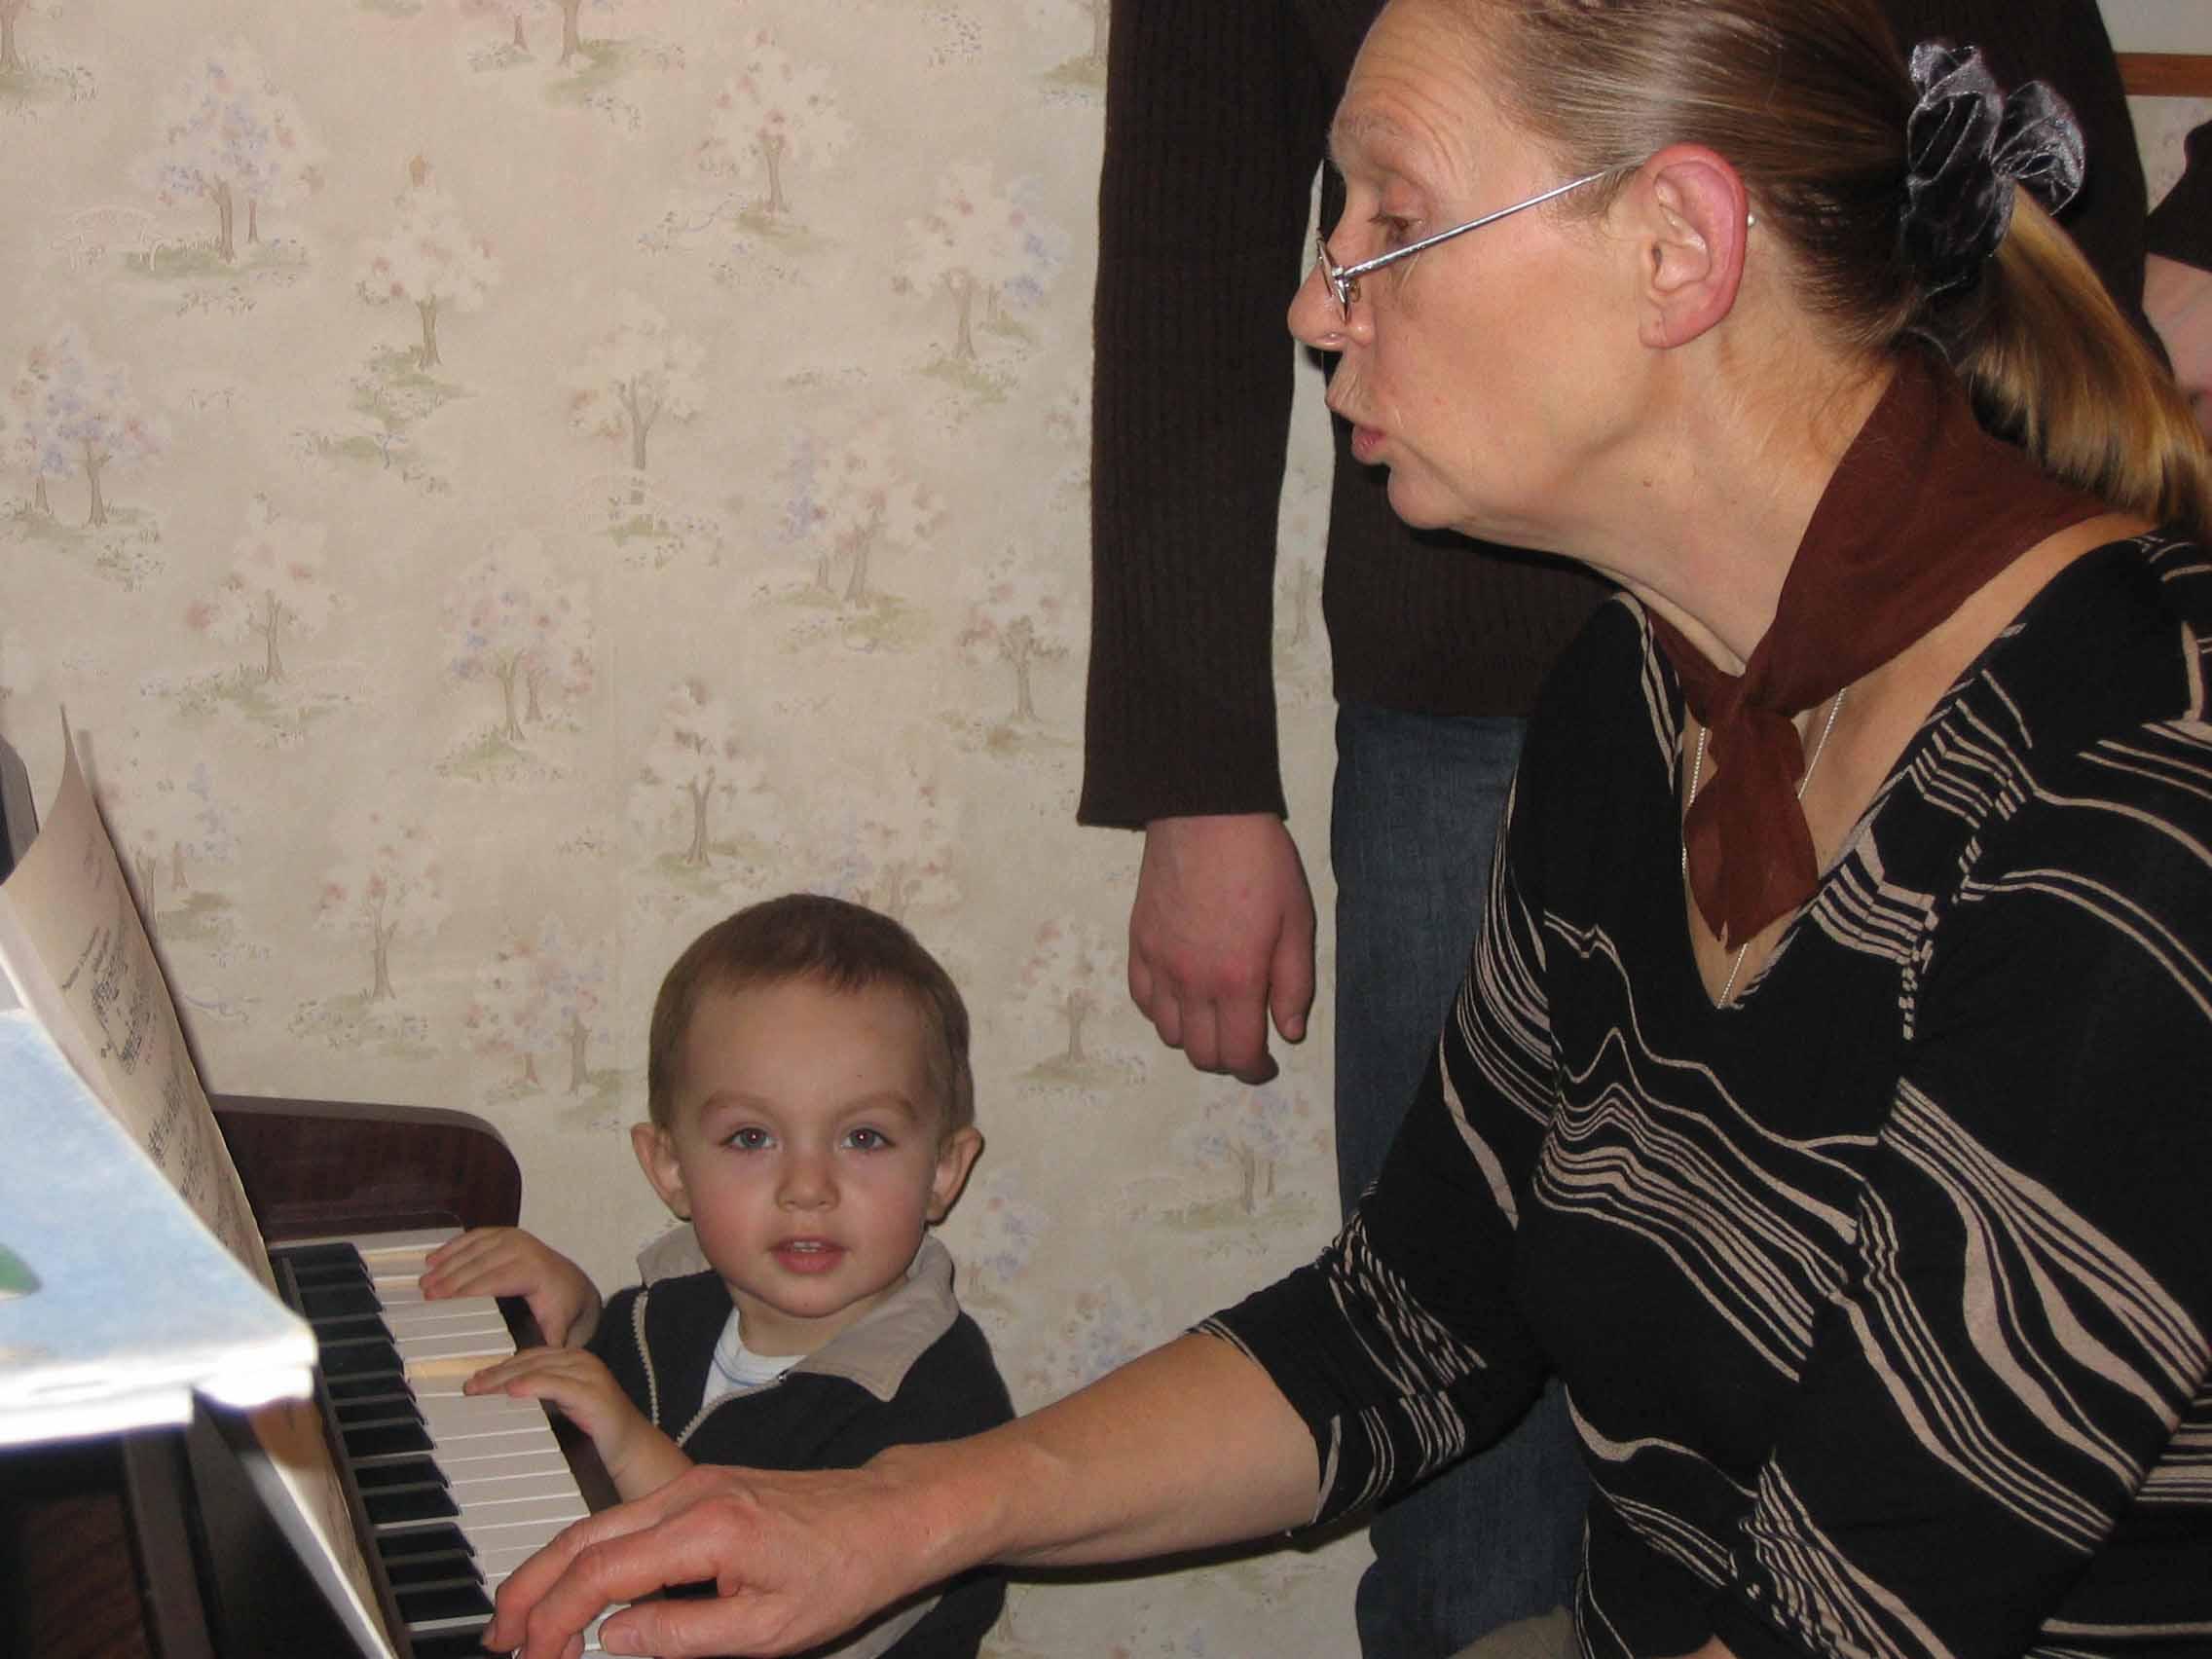 буду музицировать, как бабушка Алла. Что наша жизнь? Игра!